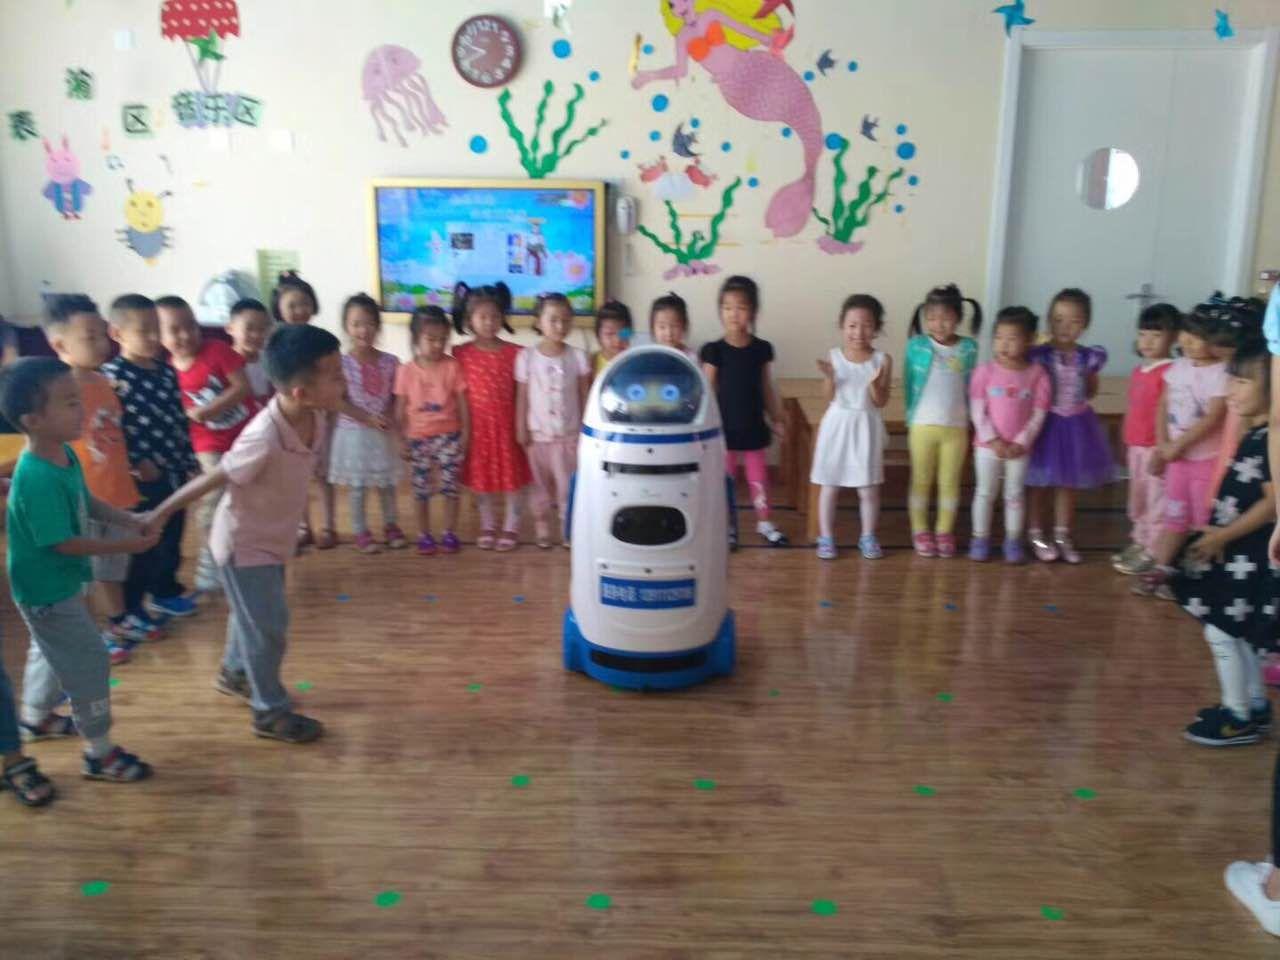 学校跳舞机器人